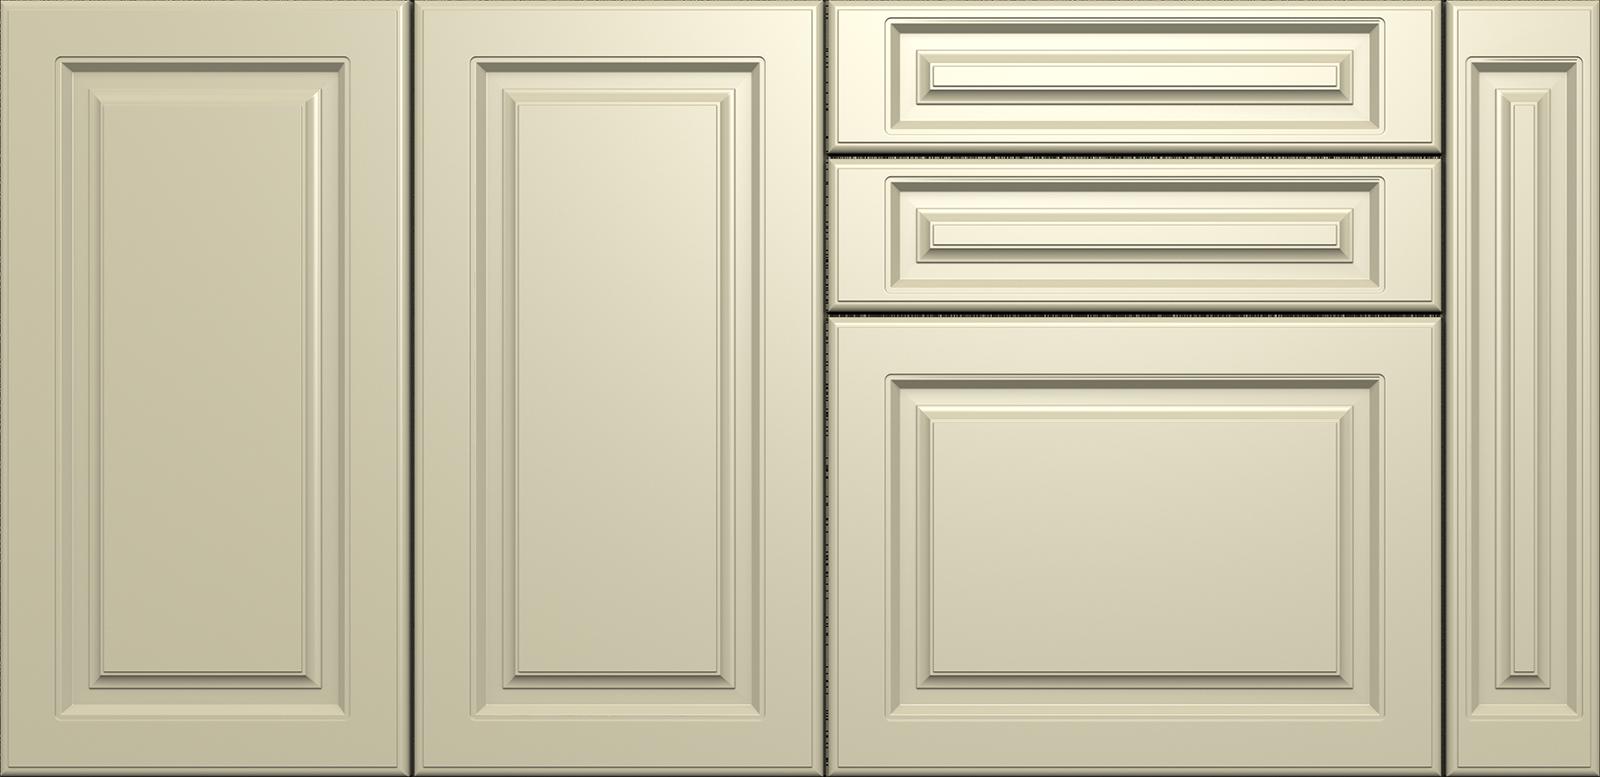 Fronturi MDF frezate - Colectia Clasic - G10